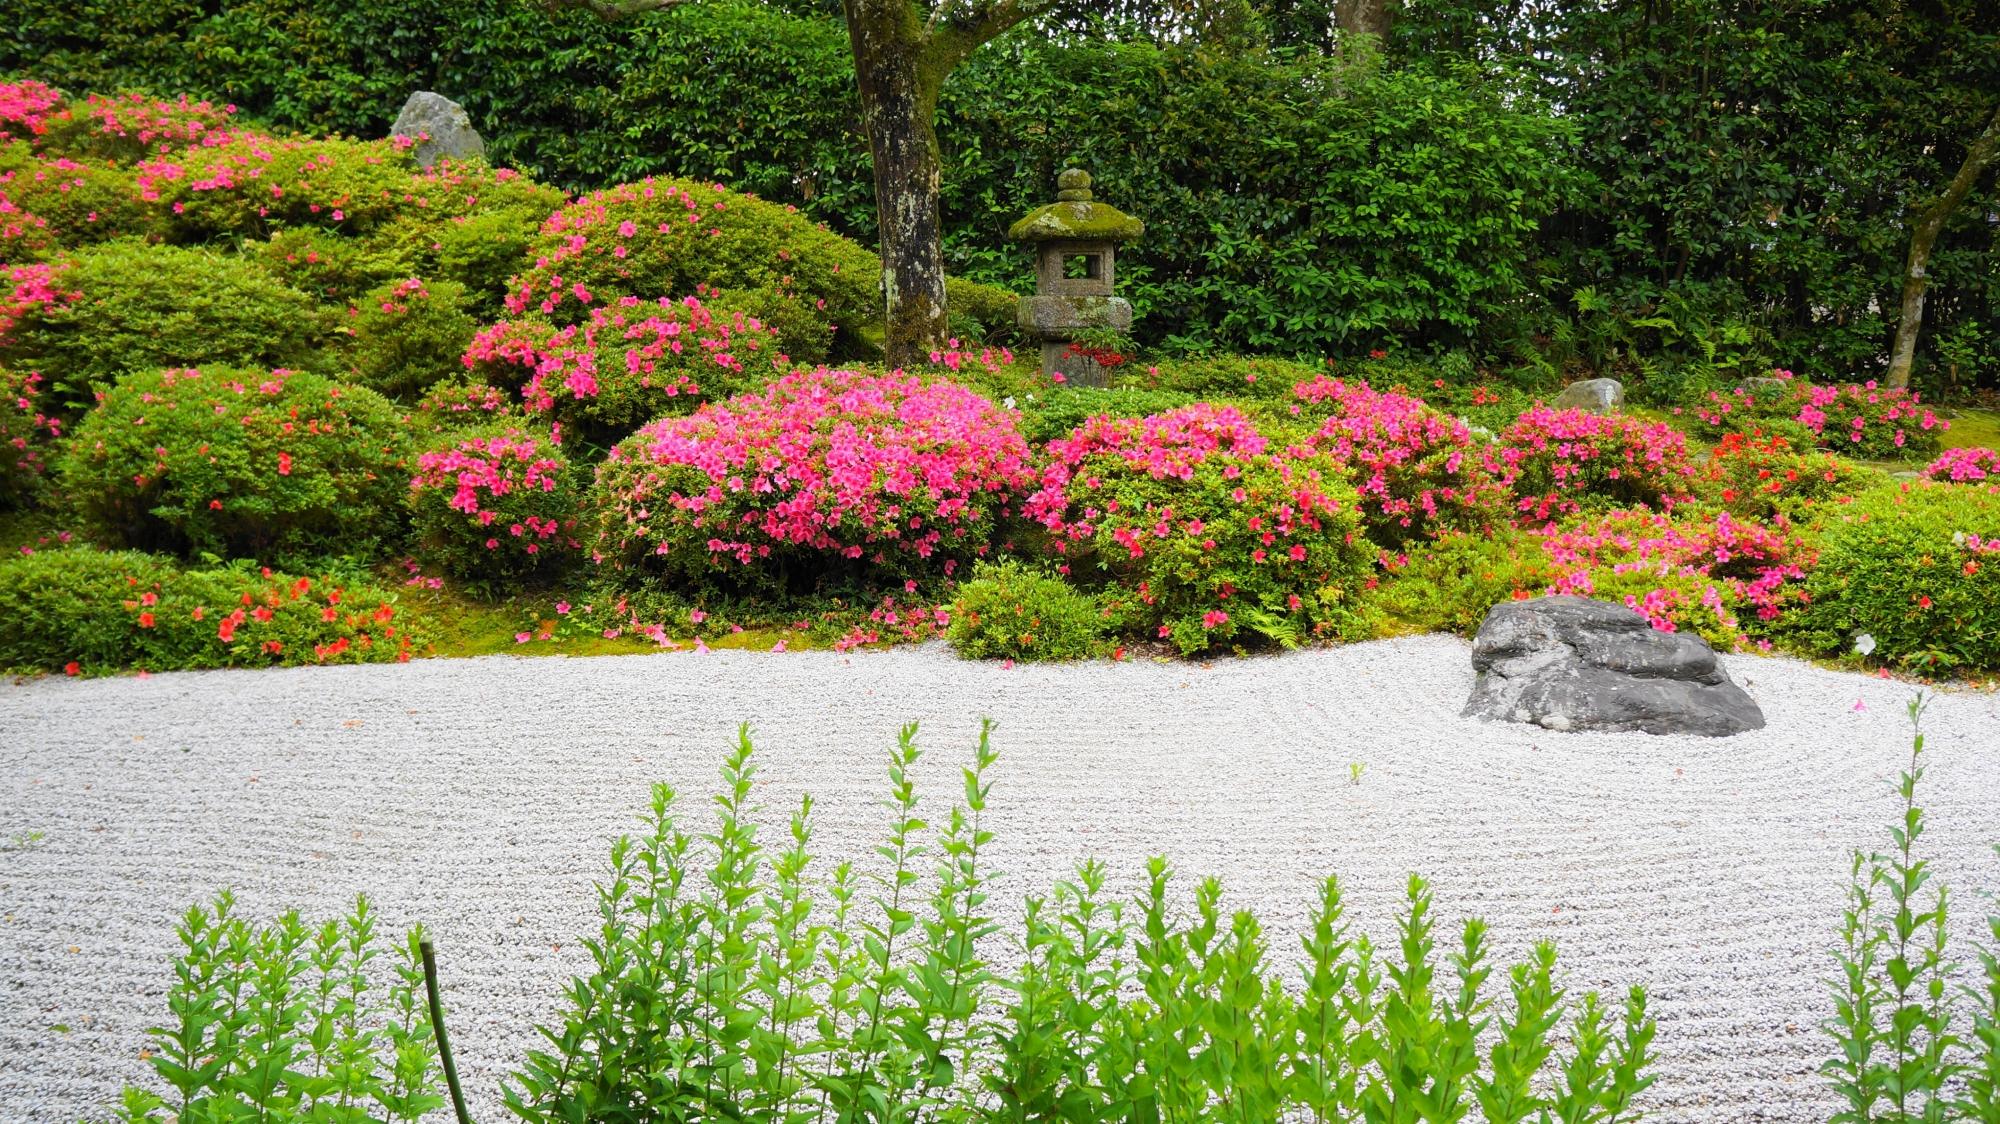 違った趣きを感じられる金福寺の方丈から眺めた庭園とサツキ